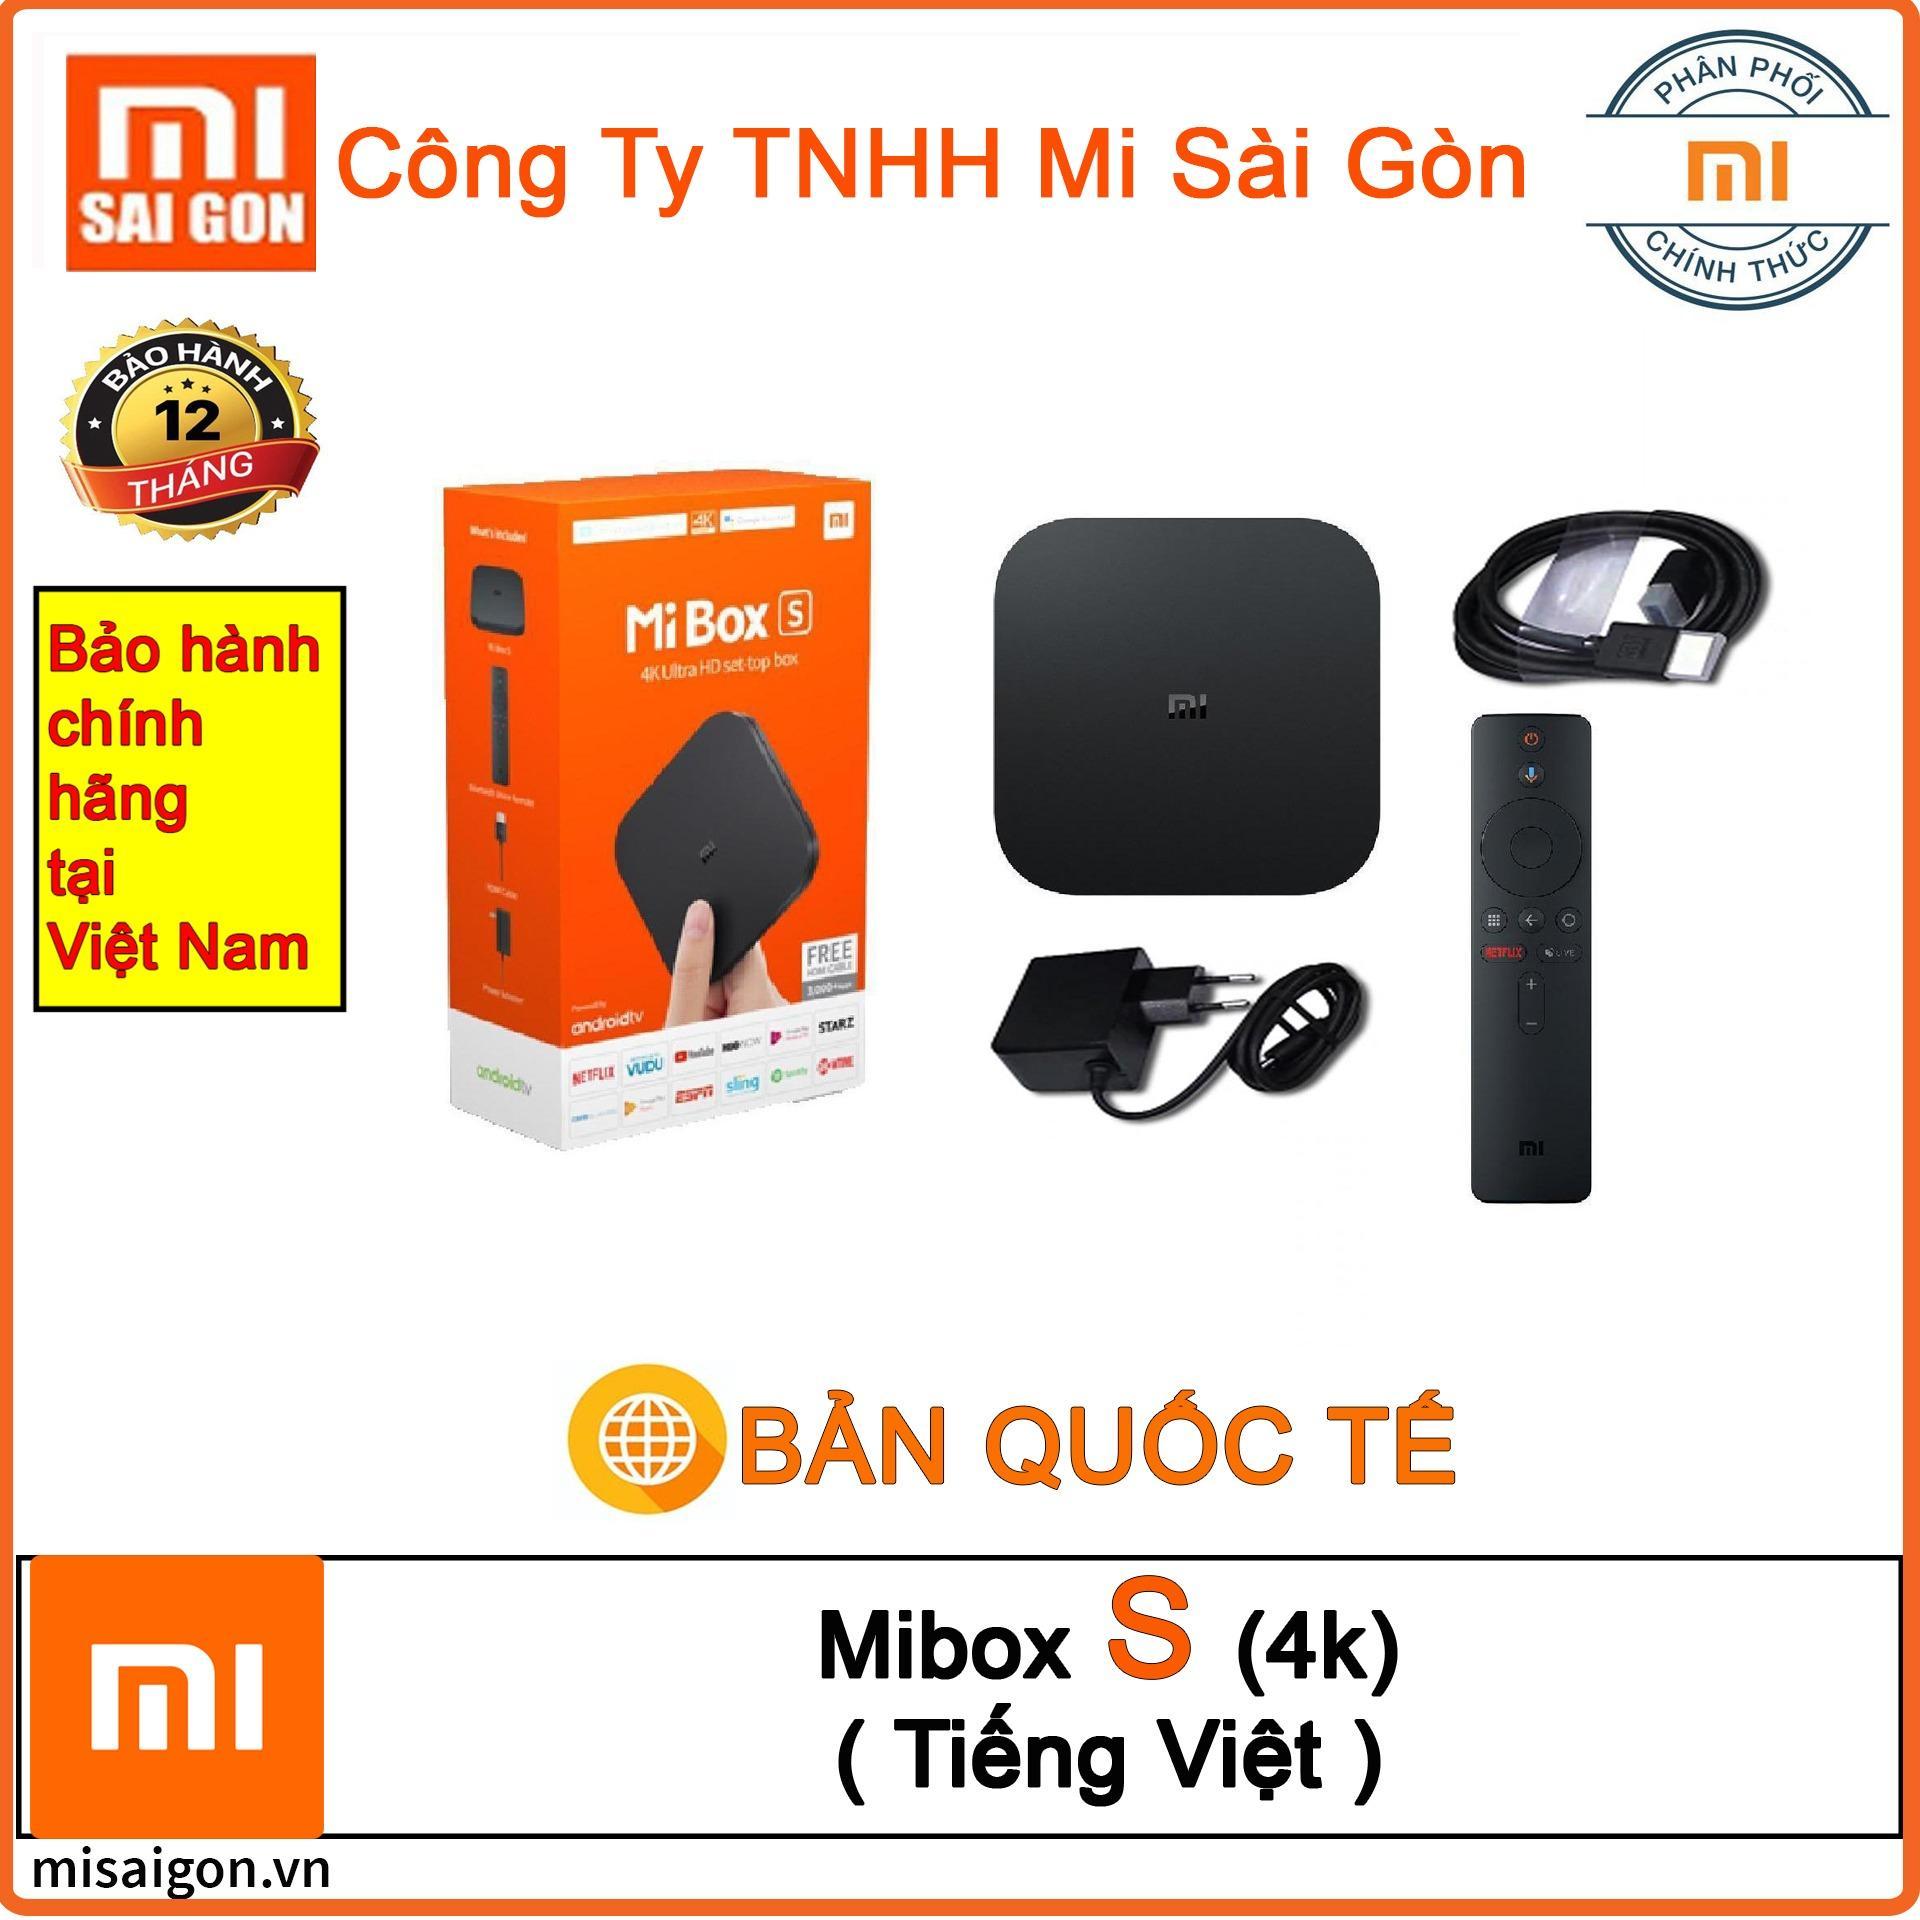 Bảng giá Xiaomi Mibox S (4K) Android Quốc Tế Tiếng Việt (Digiwolrd phân phối)